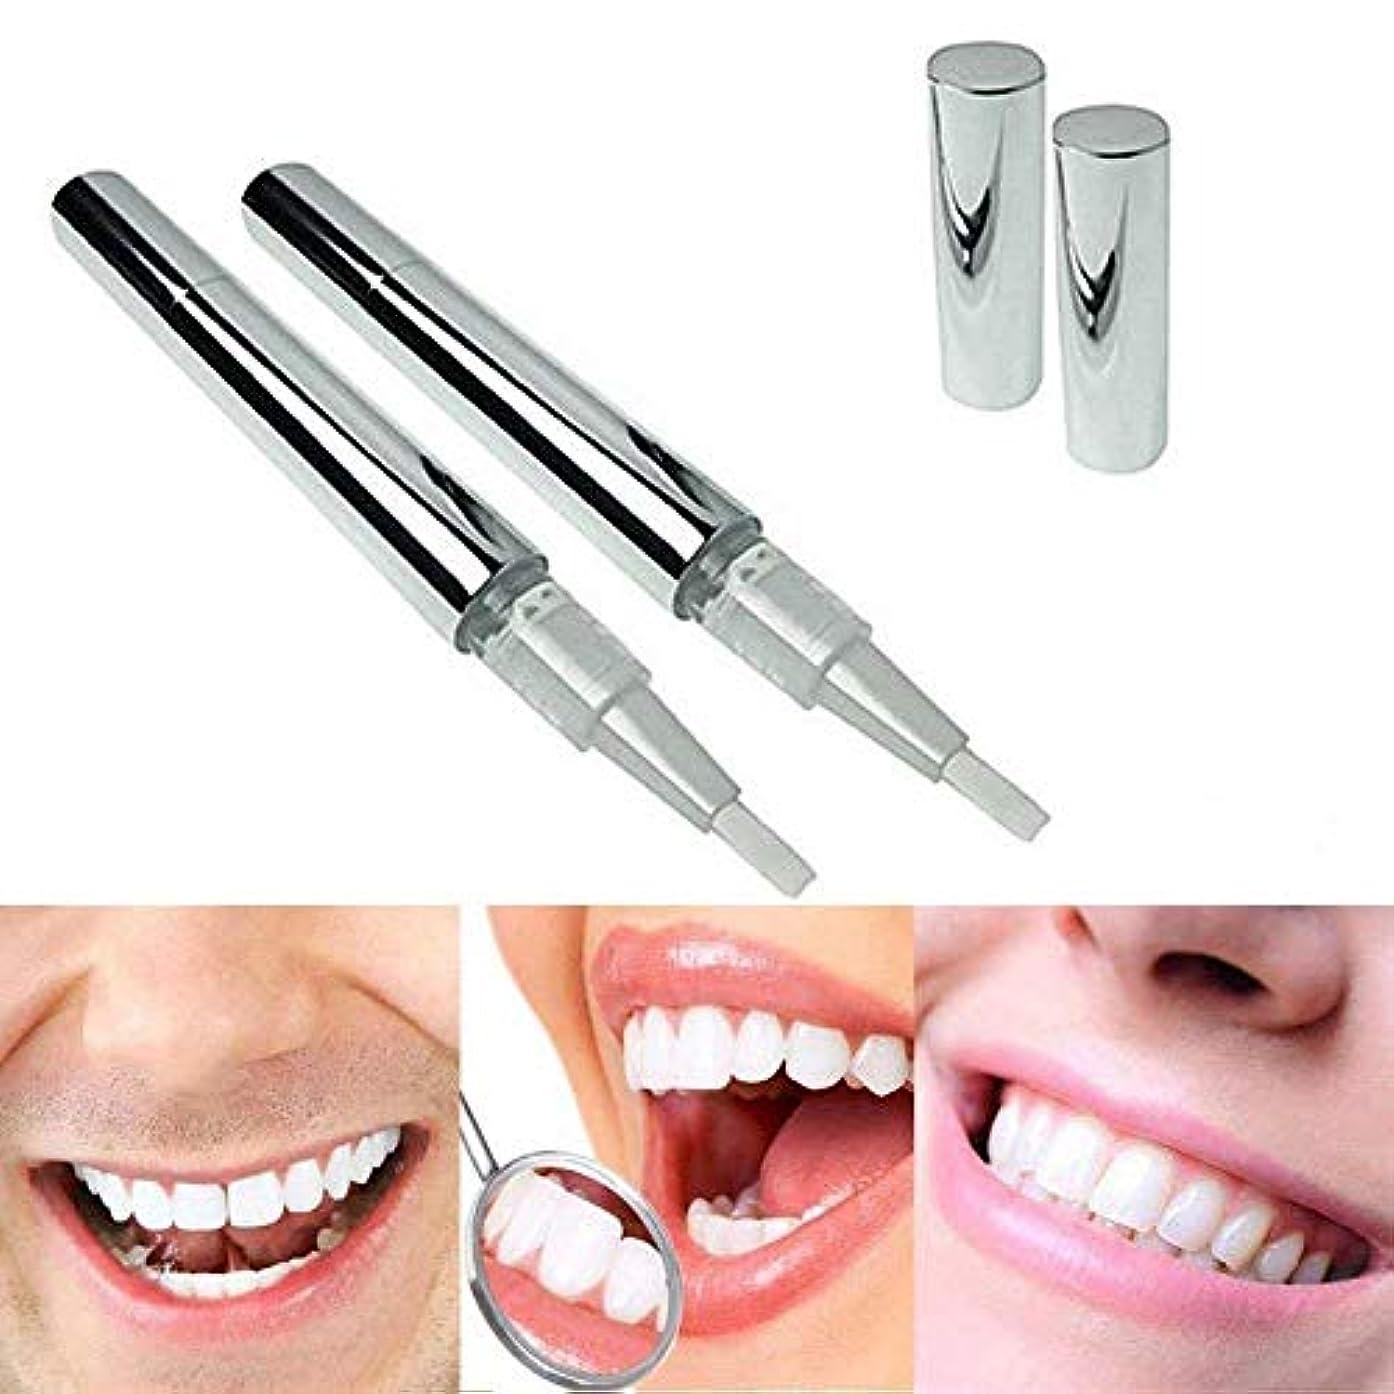 狂人受付旧正月MercuryGo 美白歯ゲル 歯 ホワイトニングペン ホワイトニングペン 歯ブラシ 輝く笑顔 口臭防止 歯周病防止 2本